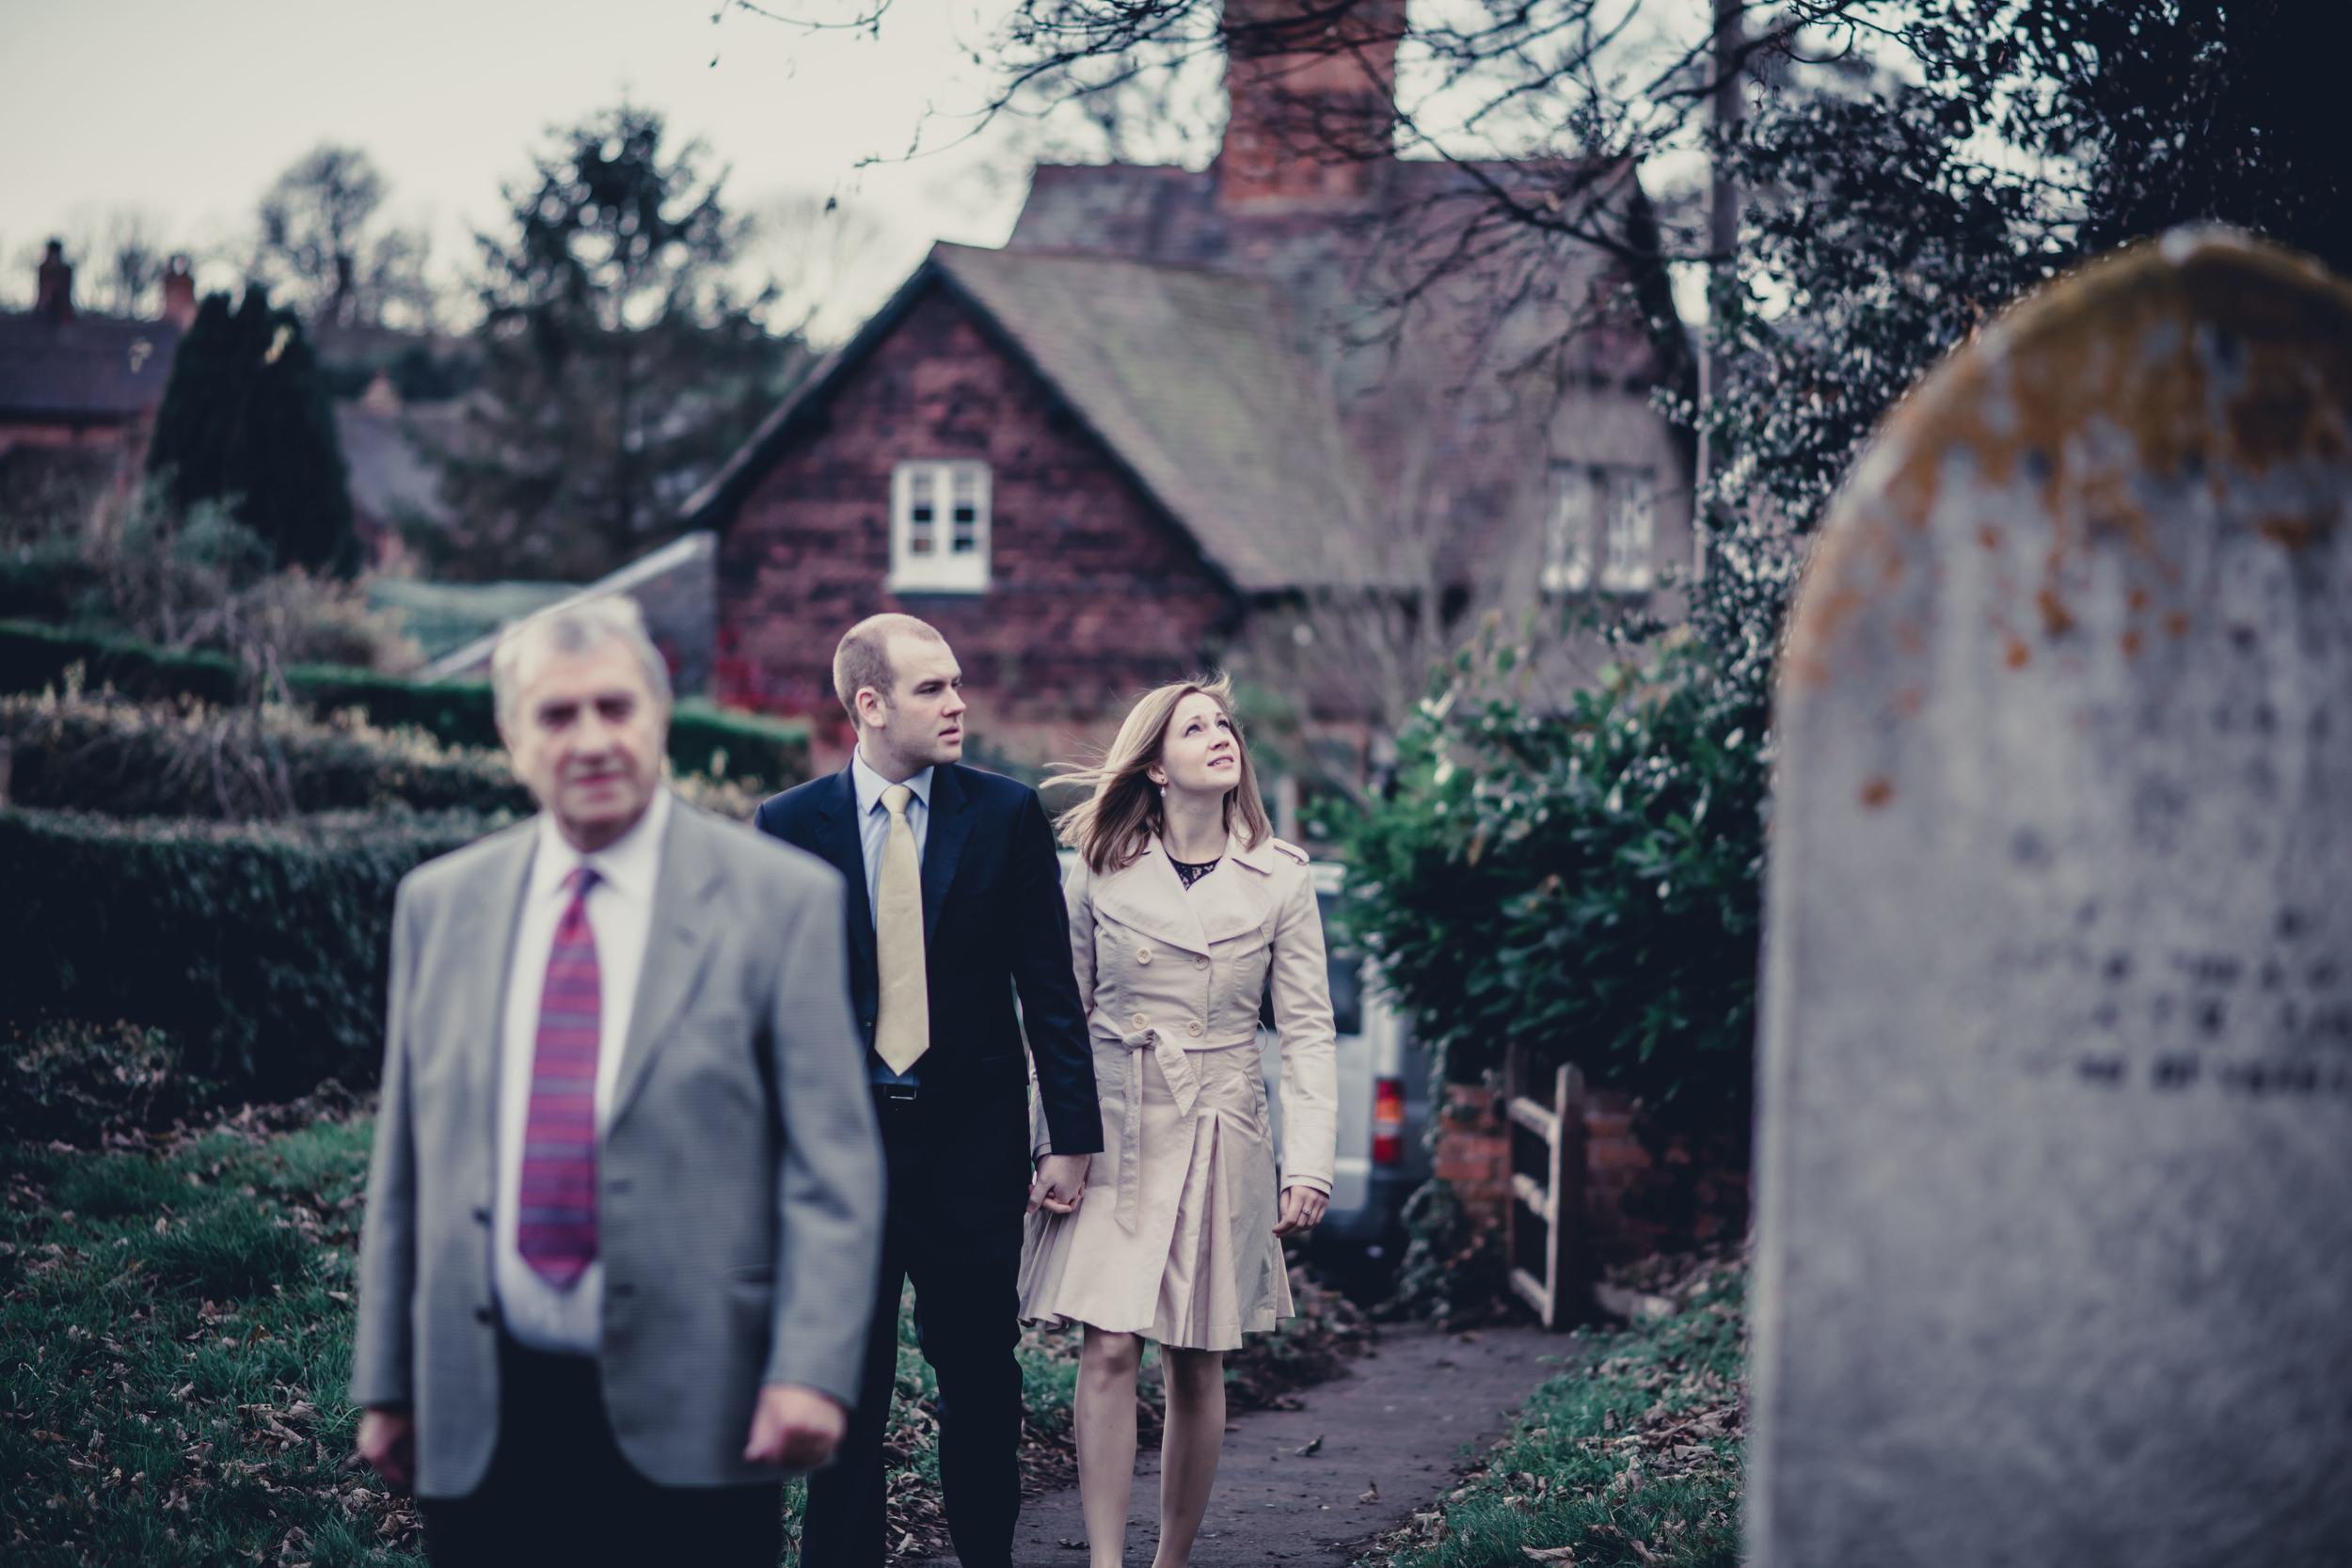 023 - Angela and Karls Wedding by www.markpugh.com -5716.jpg